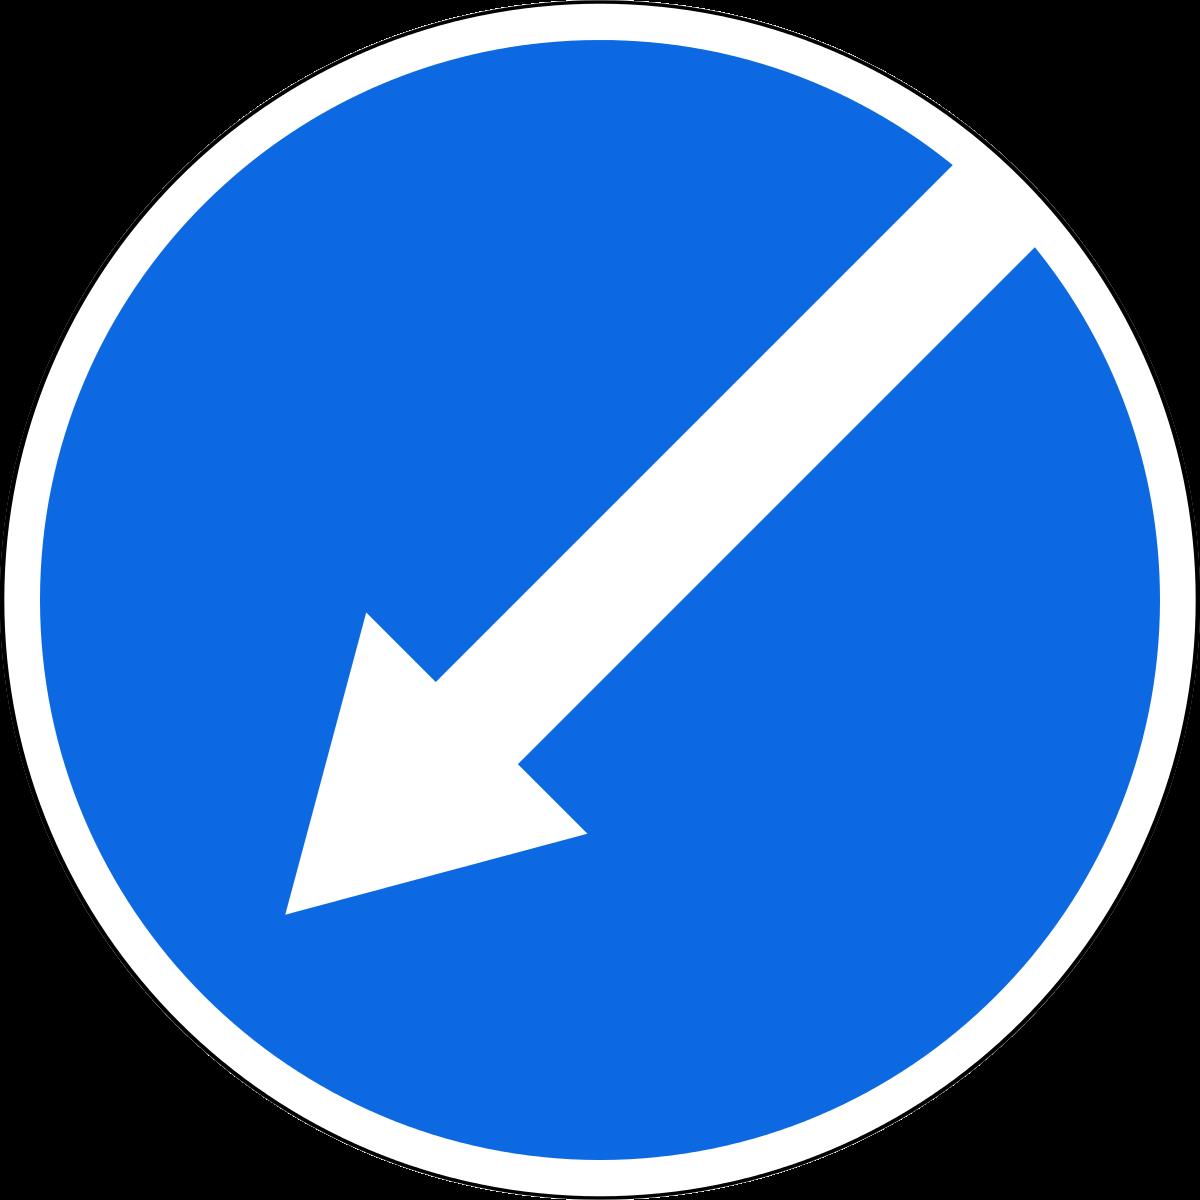 Знак 4.2.2 Объезд препятствия слева